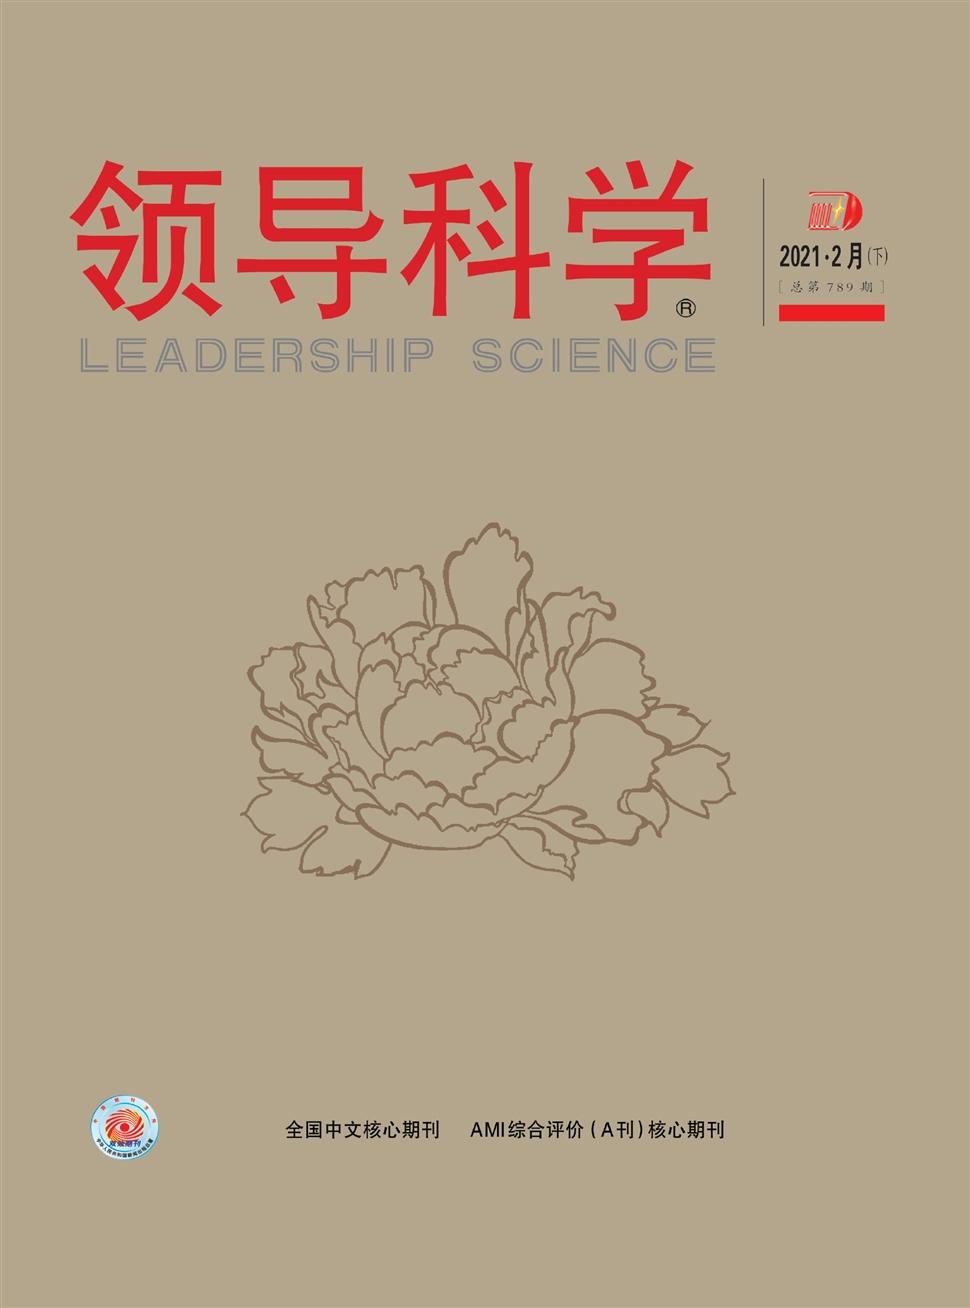 《领导科学》